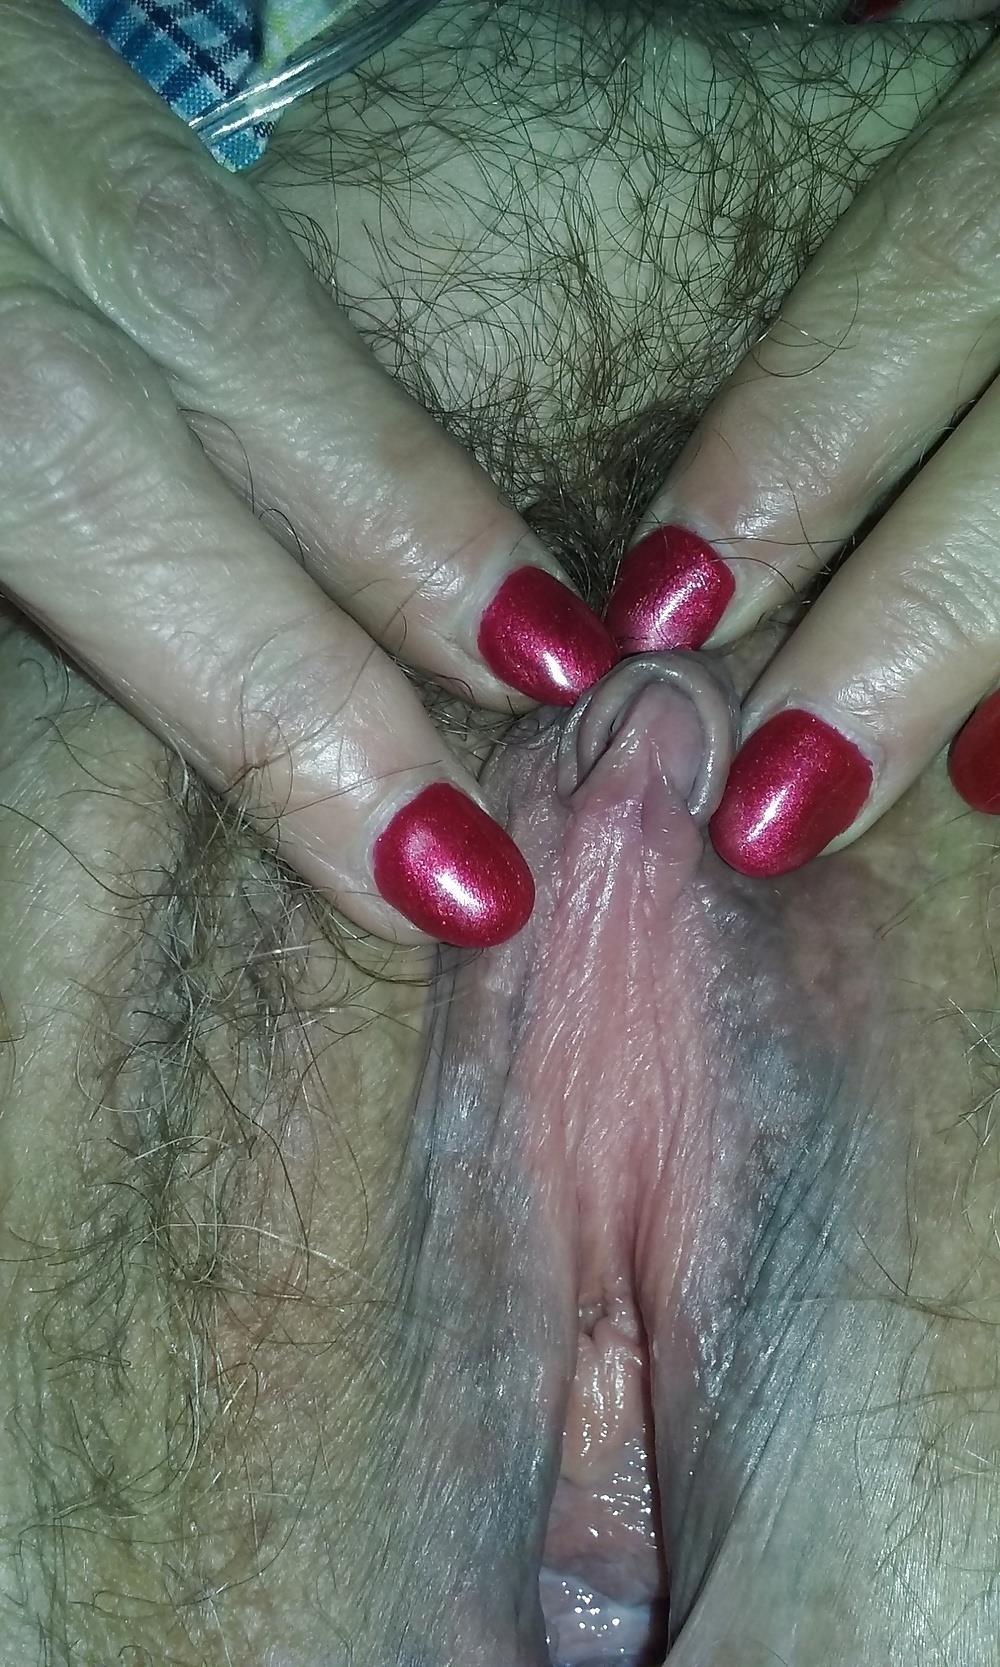 Juicy clit porn-3072